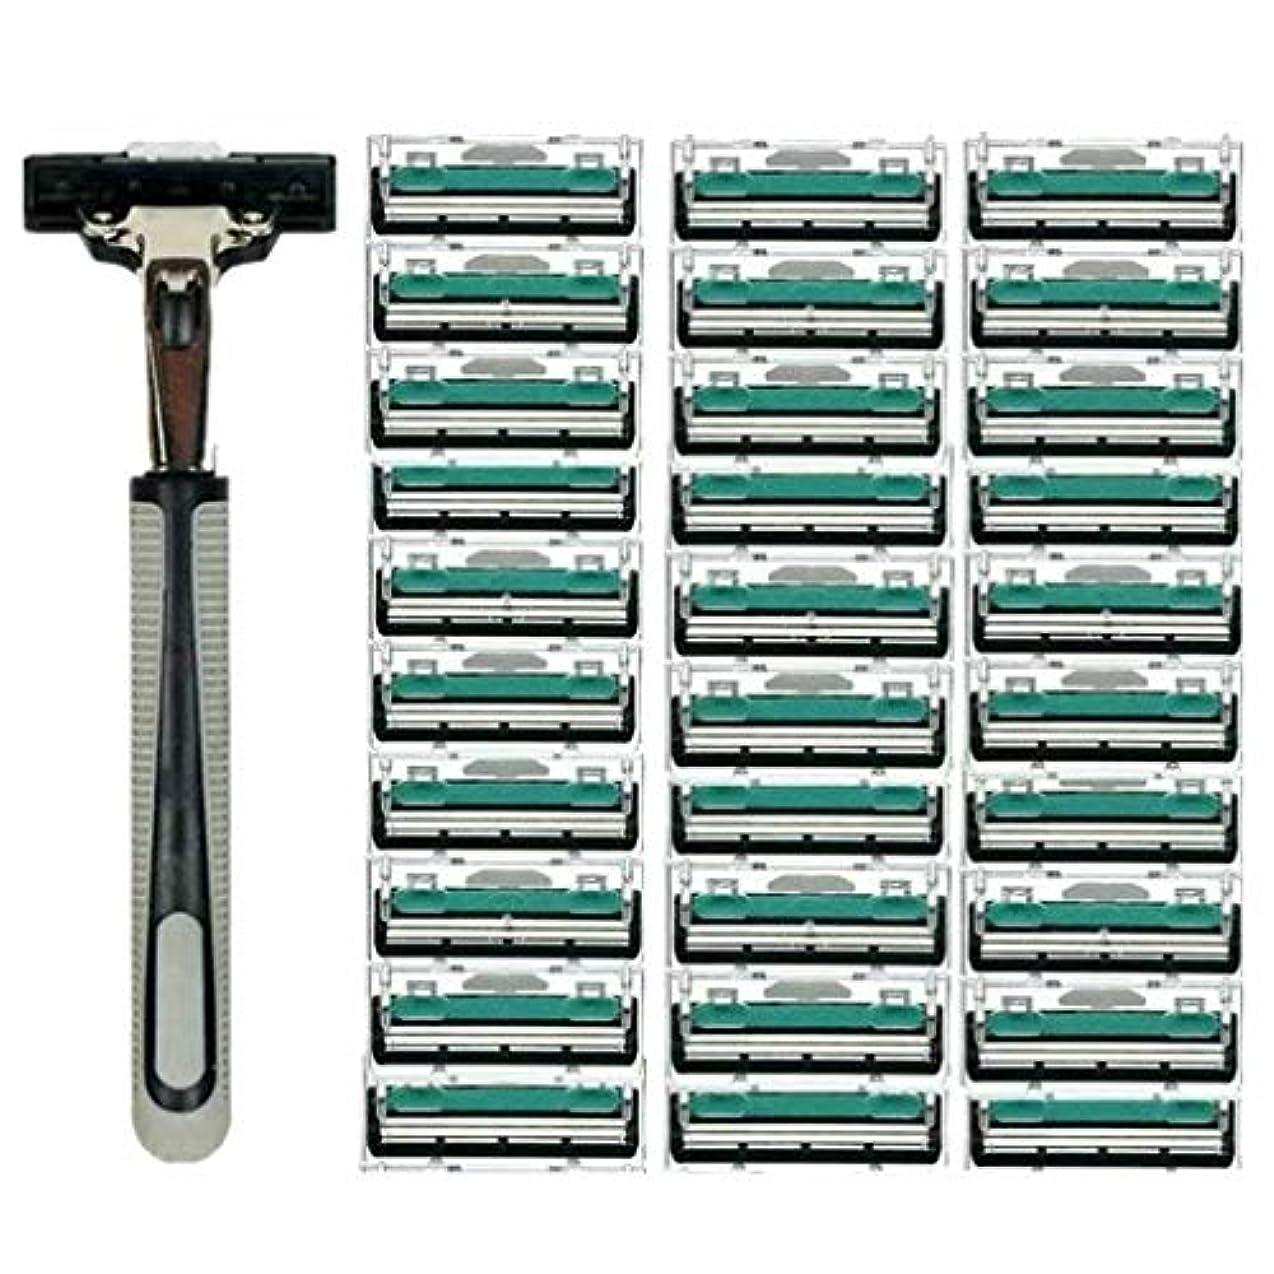 マント甘美な勇気のあるKOROWA髭剃り 男性カミソリ 替刃30個付 安全性 大容量 …